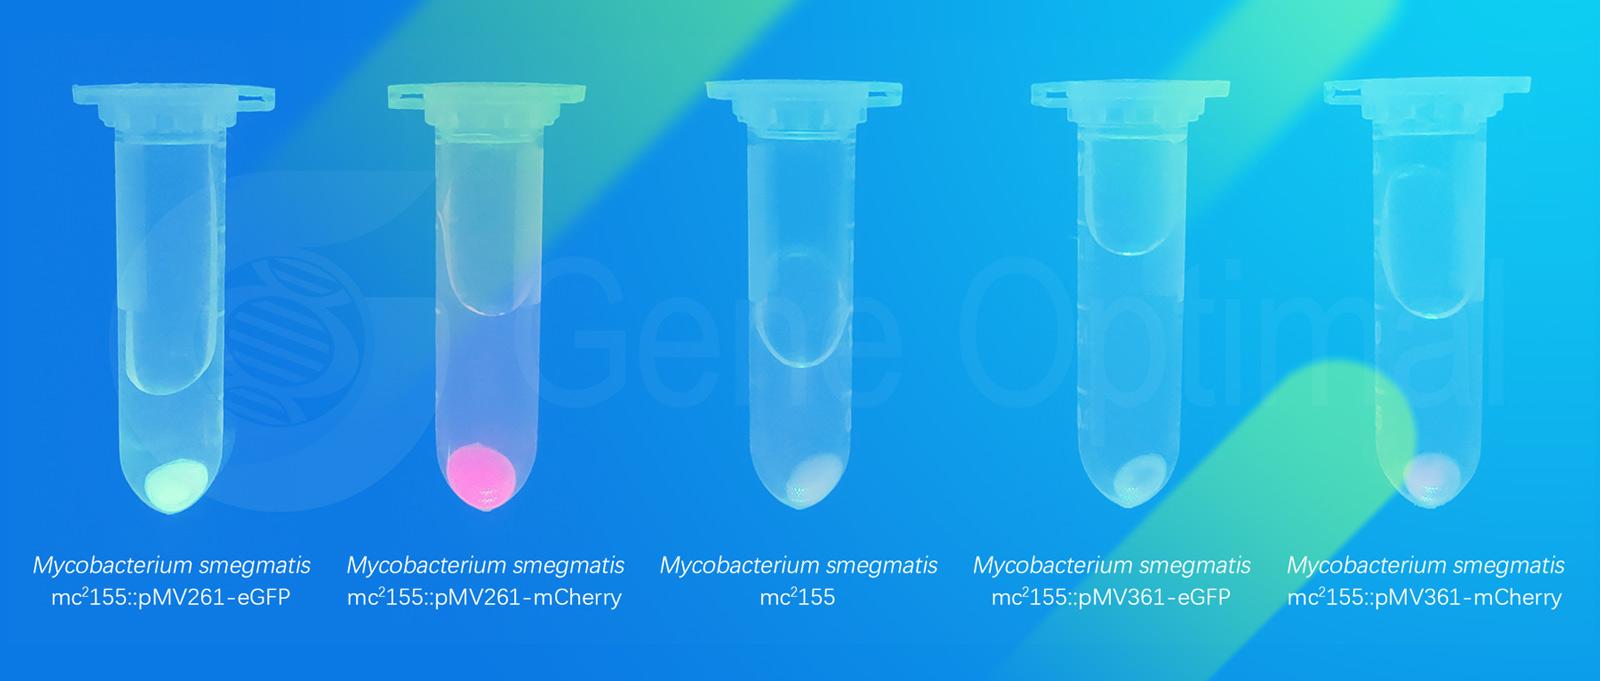 荧光标记分枝杆菌